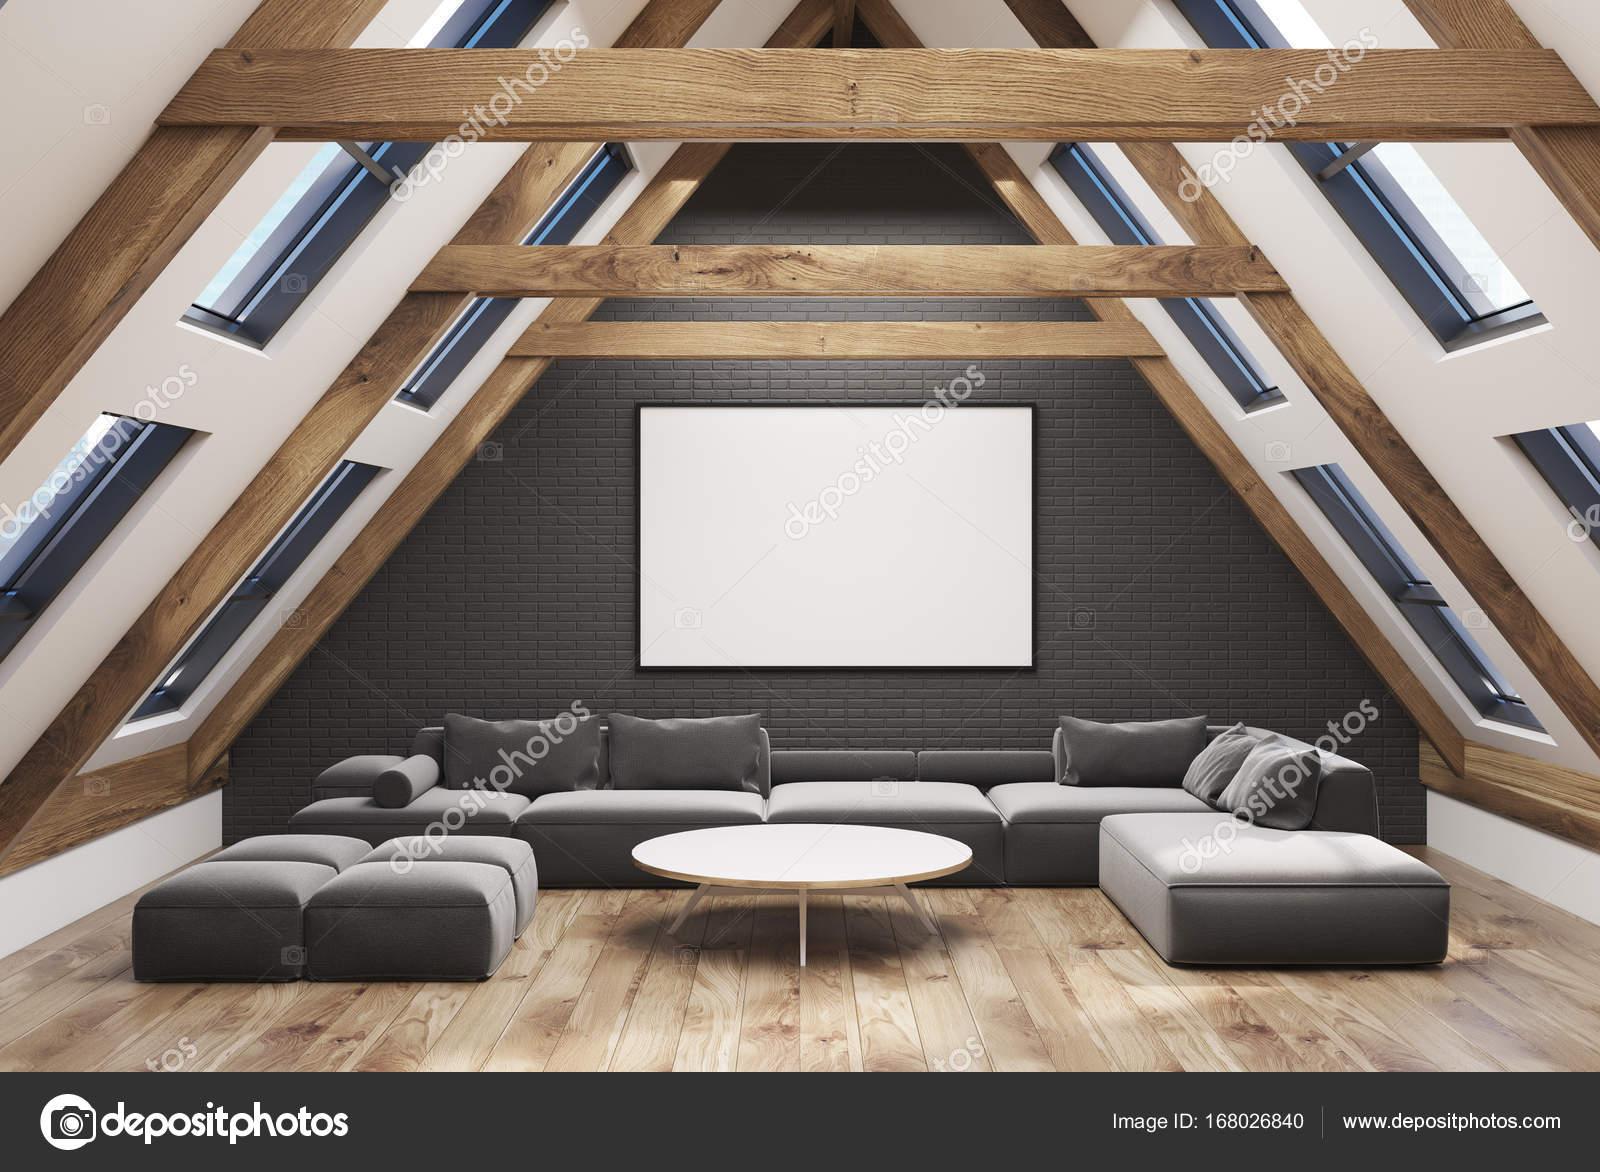 Attic Wohnzimmer Interieur Mit Einem Satteldach, Graue Wände Und Einen  Holzboden. Es Gibt Ein Großes Graues Sofa Und Einen Schmalen Runder  Couchtisch.